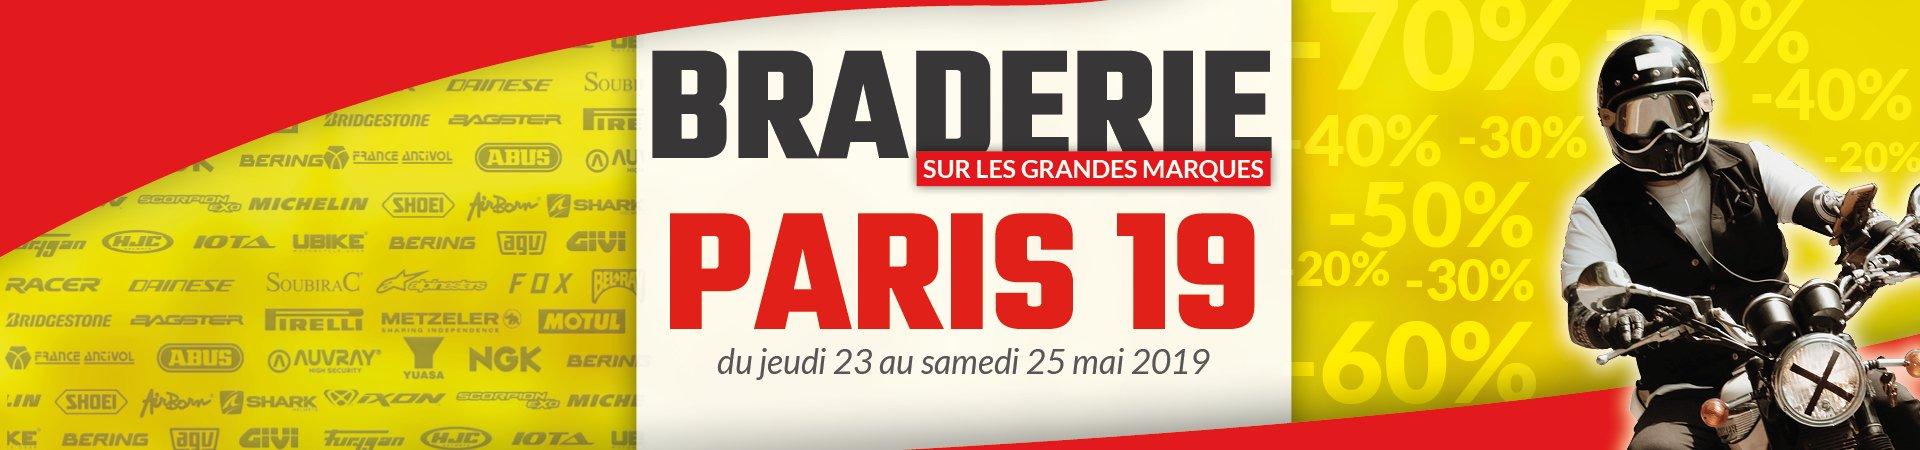 Braderie Cardy Paris 19 ème 2019